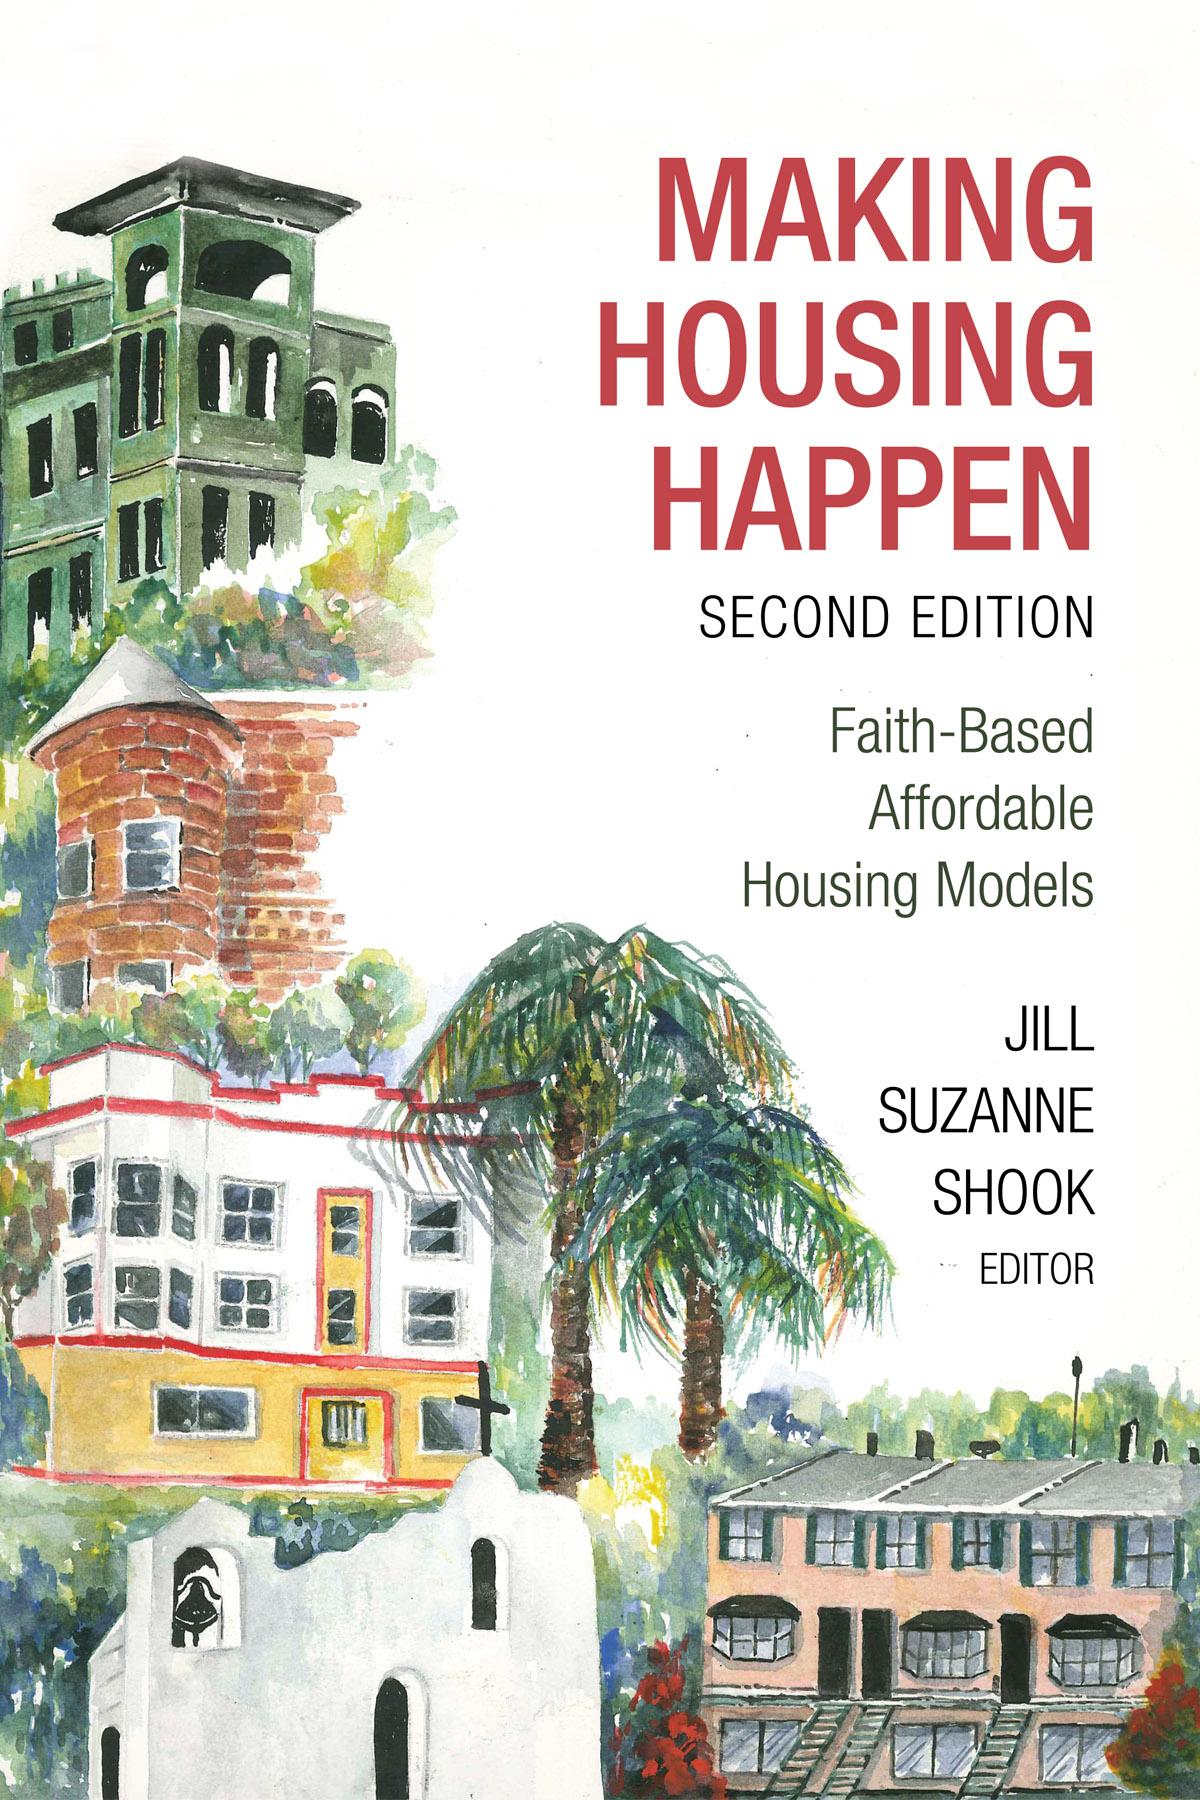 making housing happen.jpg